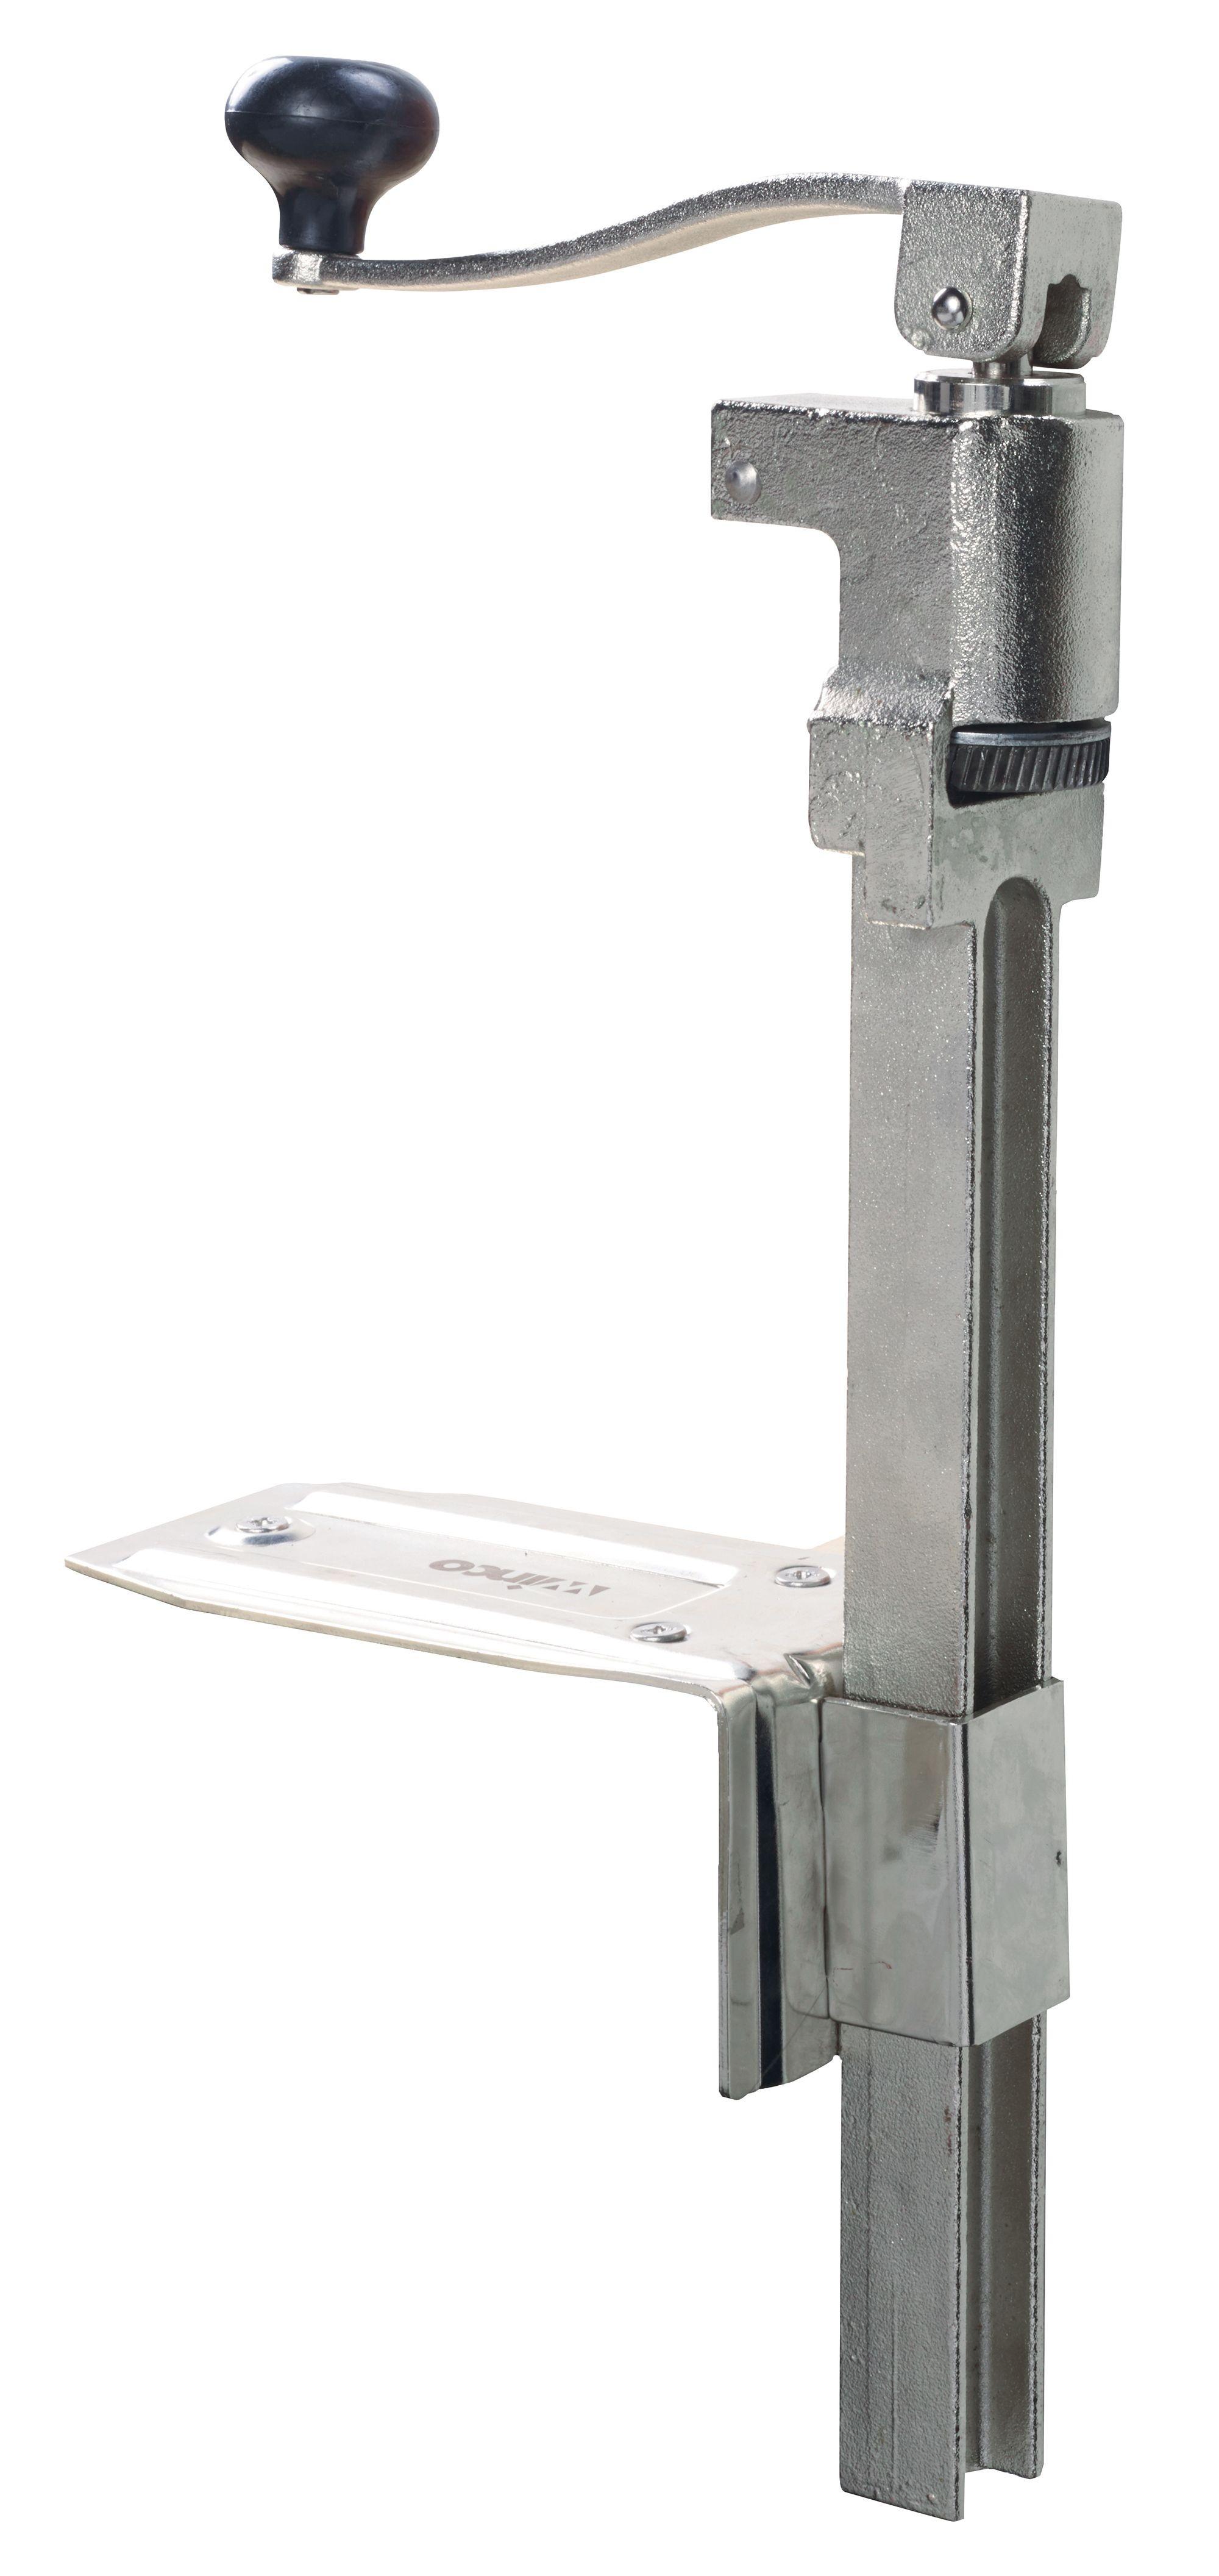 Winco CO-1 Steel Manual Can Opener, Standard Duty